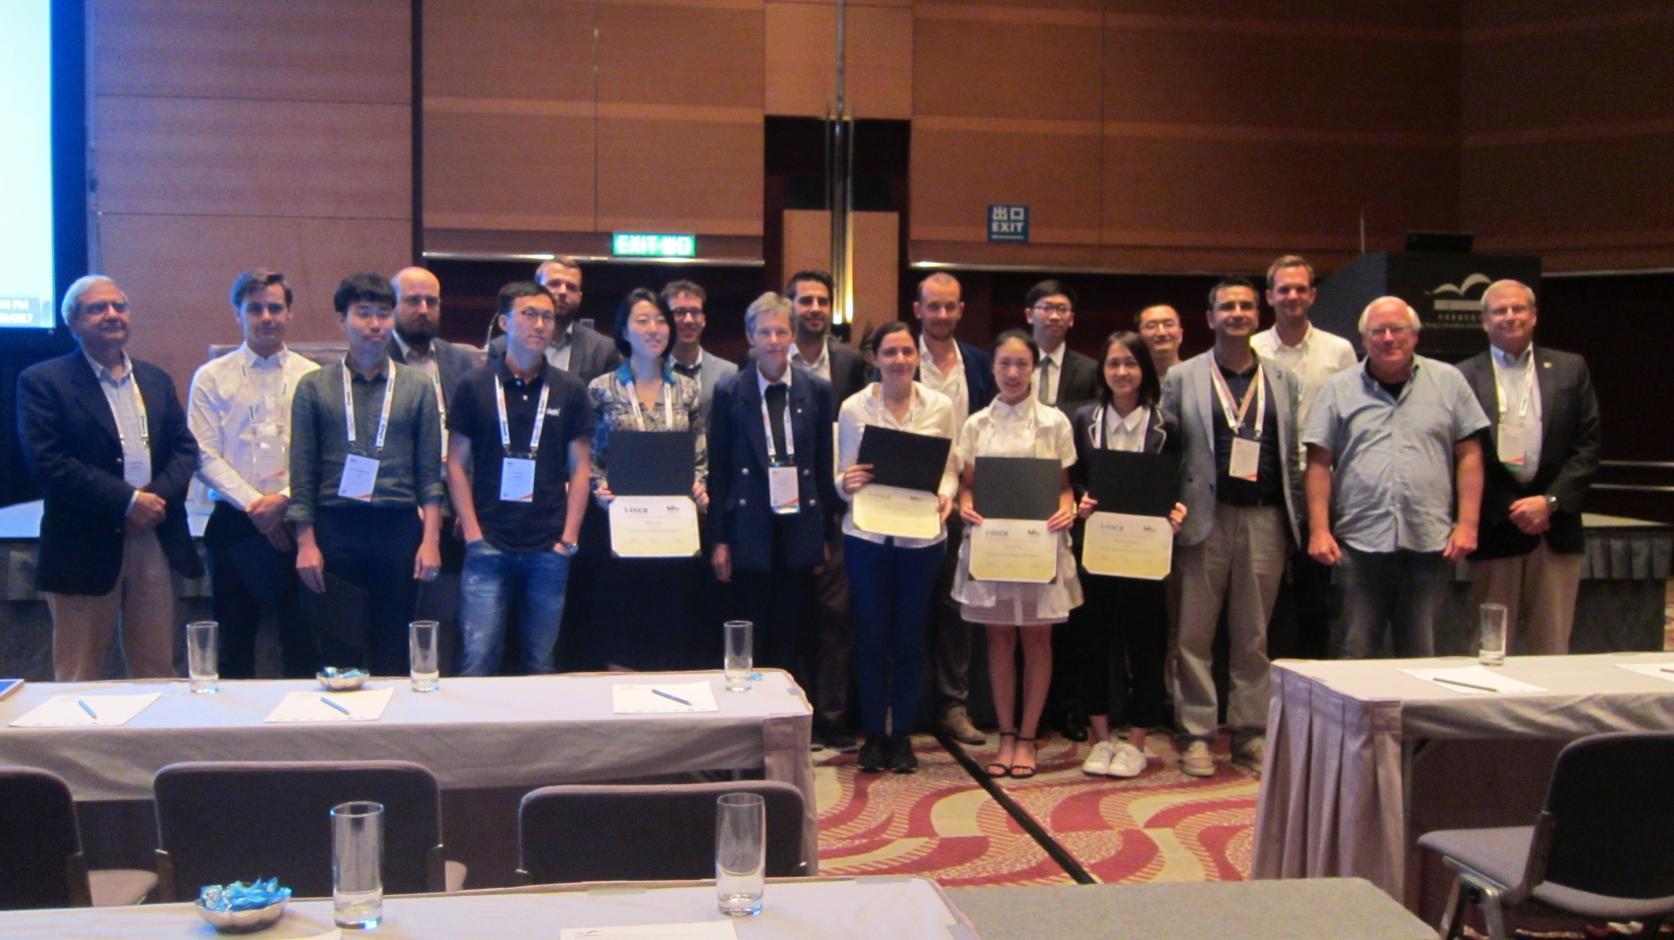 電気工学専攻博士前期課程の橋本実結さんが46th International Congress on Noise Control Engineering にてYOUNG PROFESSIONALS GRANTを受賞しました。